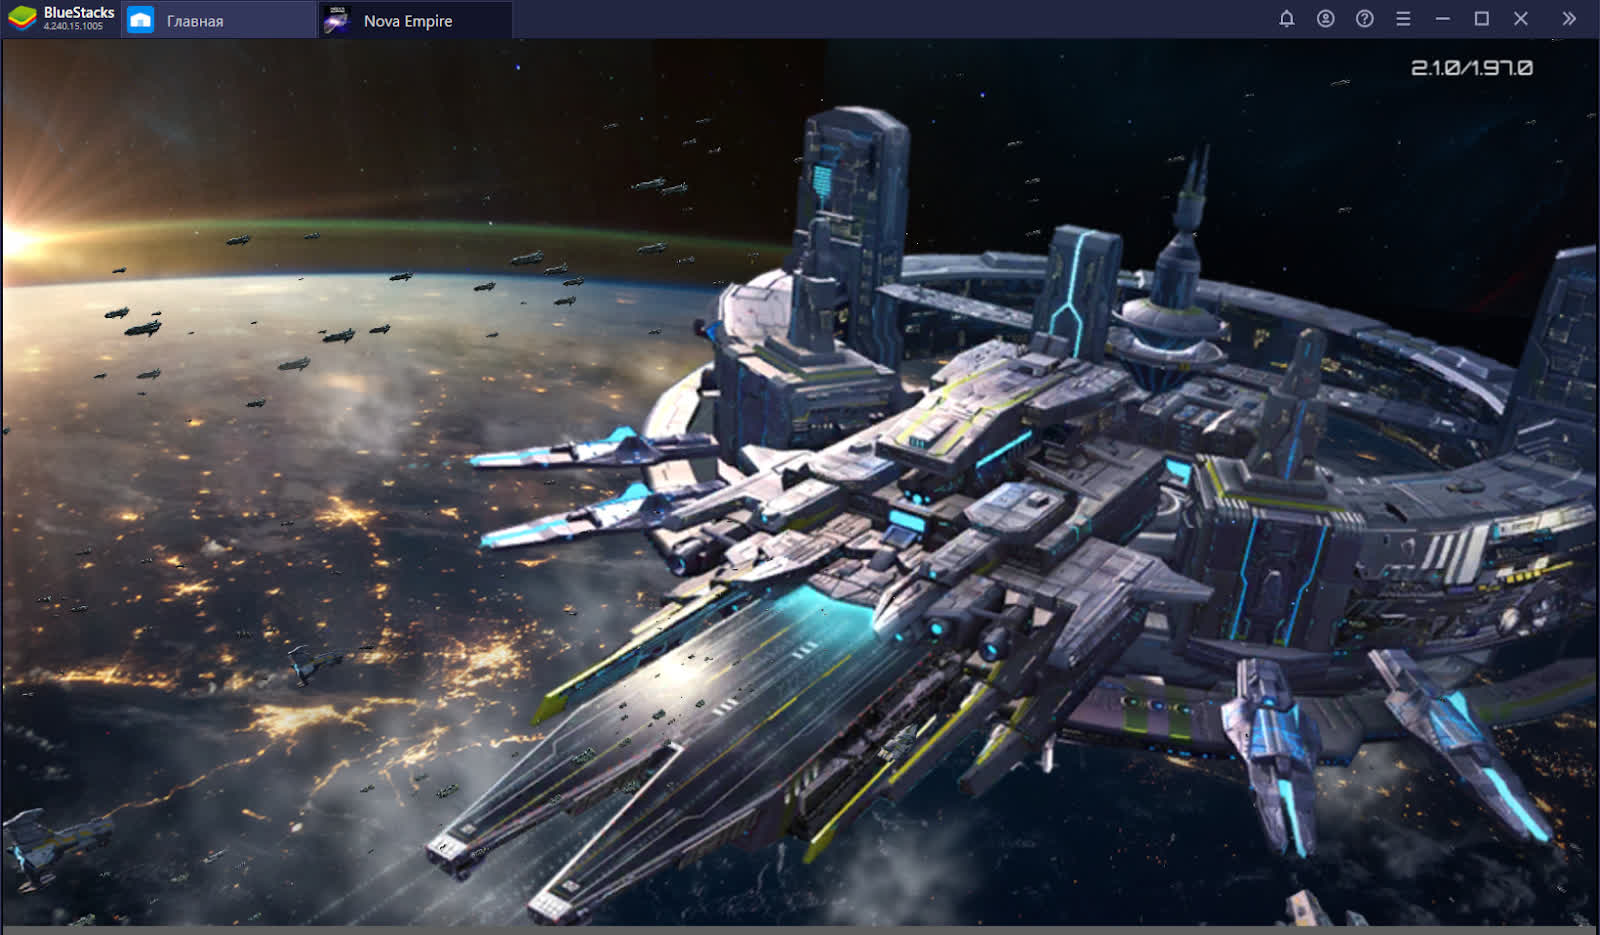 Обзорный гайд по Nova Empire. Станция, система, флот, адмиралы и особенности мультиплеера